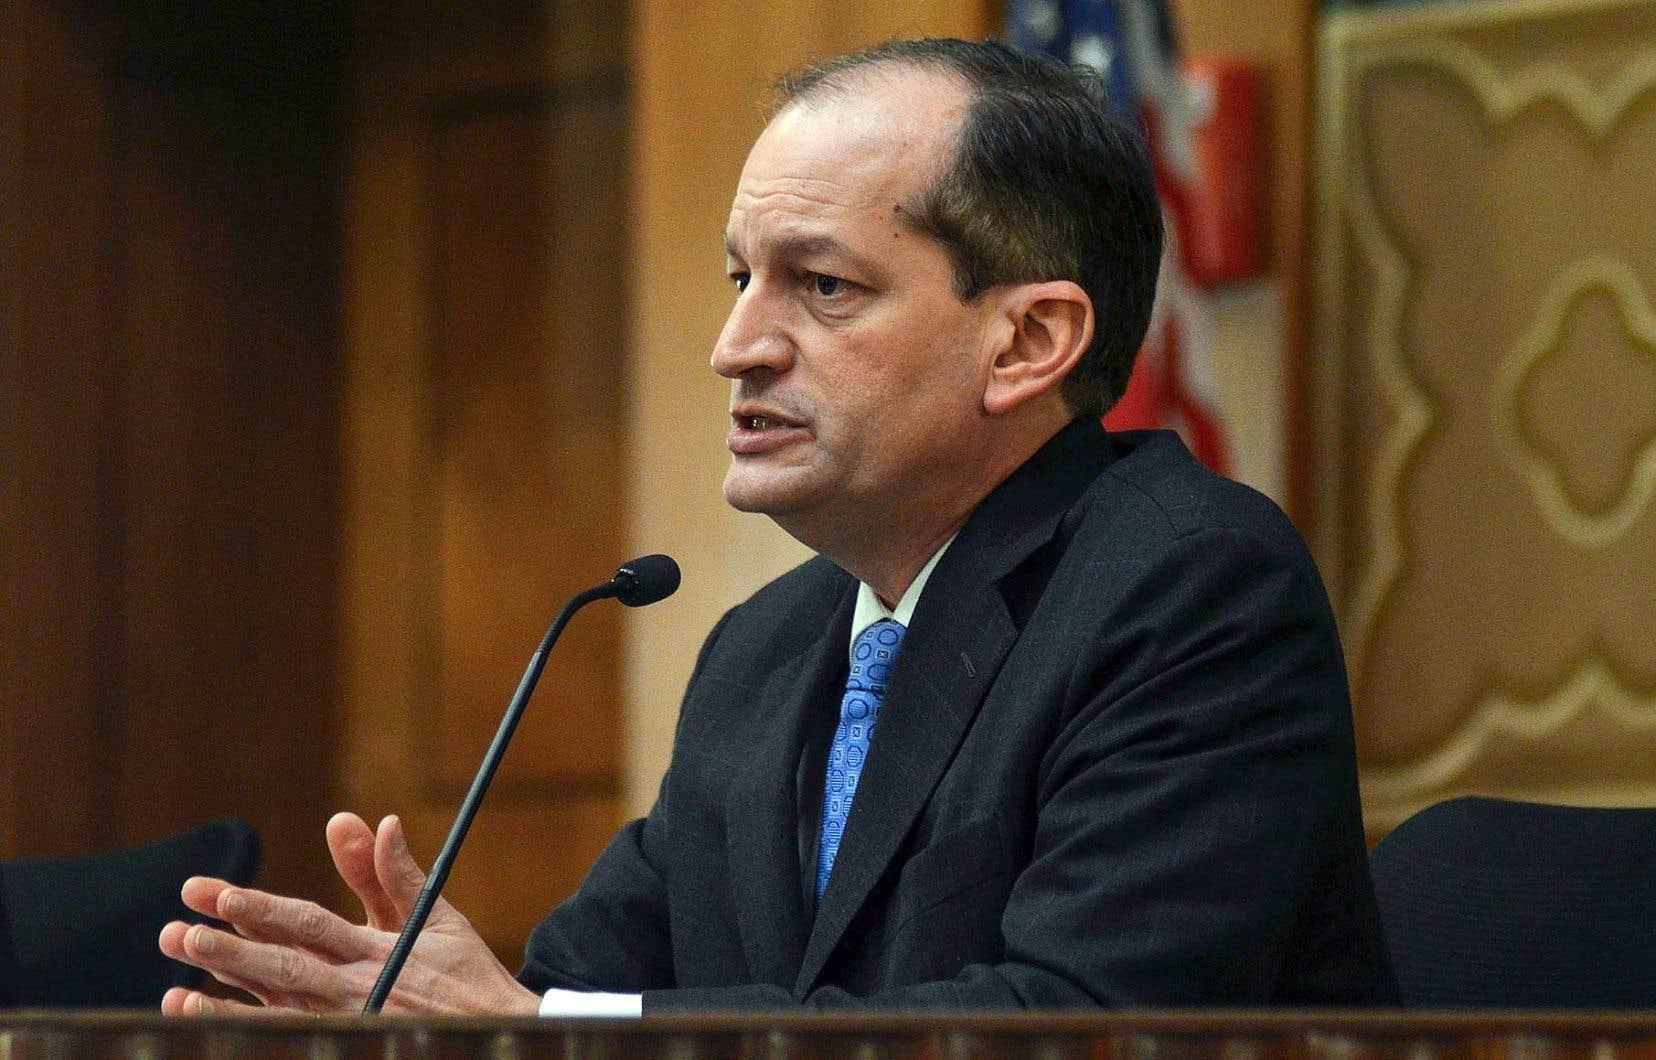 Le secrétaire au Travail, Alexander Acosta, travaillait comme procureur fédéral en Floride lorsque ses services ont conclu un accord avec Jeffrey Epstein.